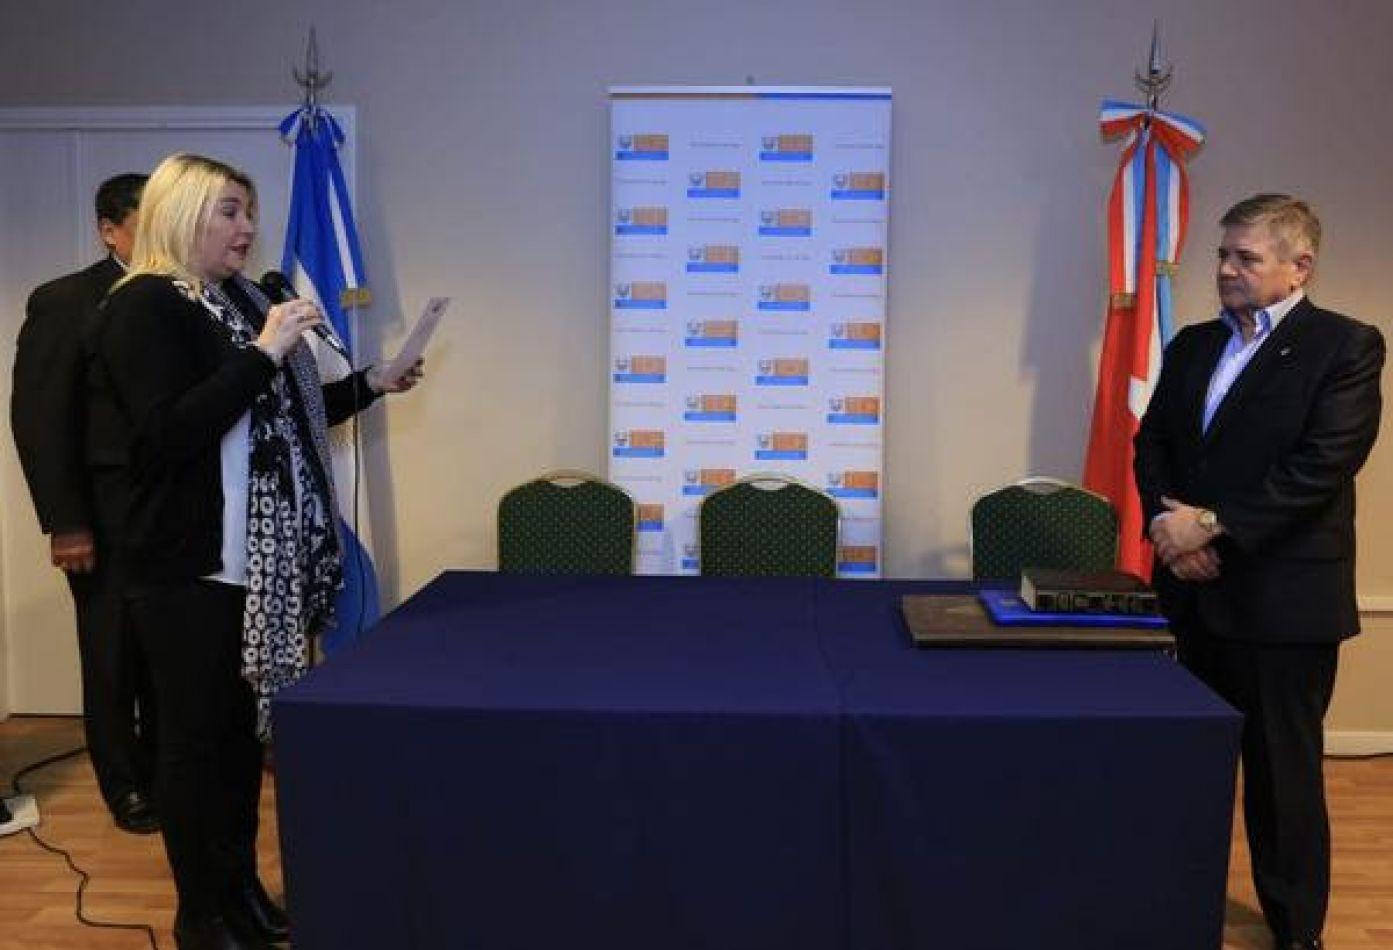 La gobernadora Rosana Bertone tomó juramento al Contador Público Luis María Capellano